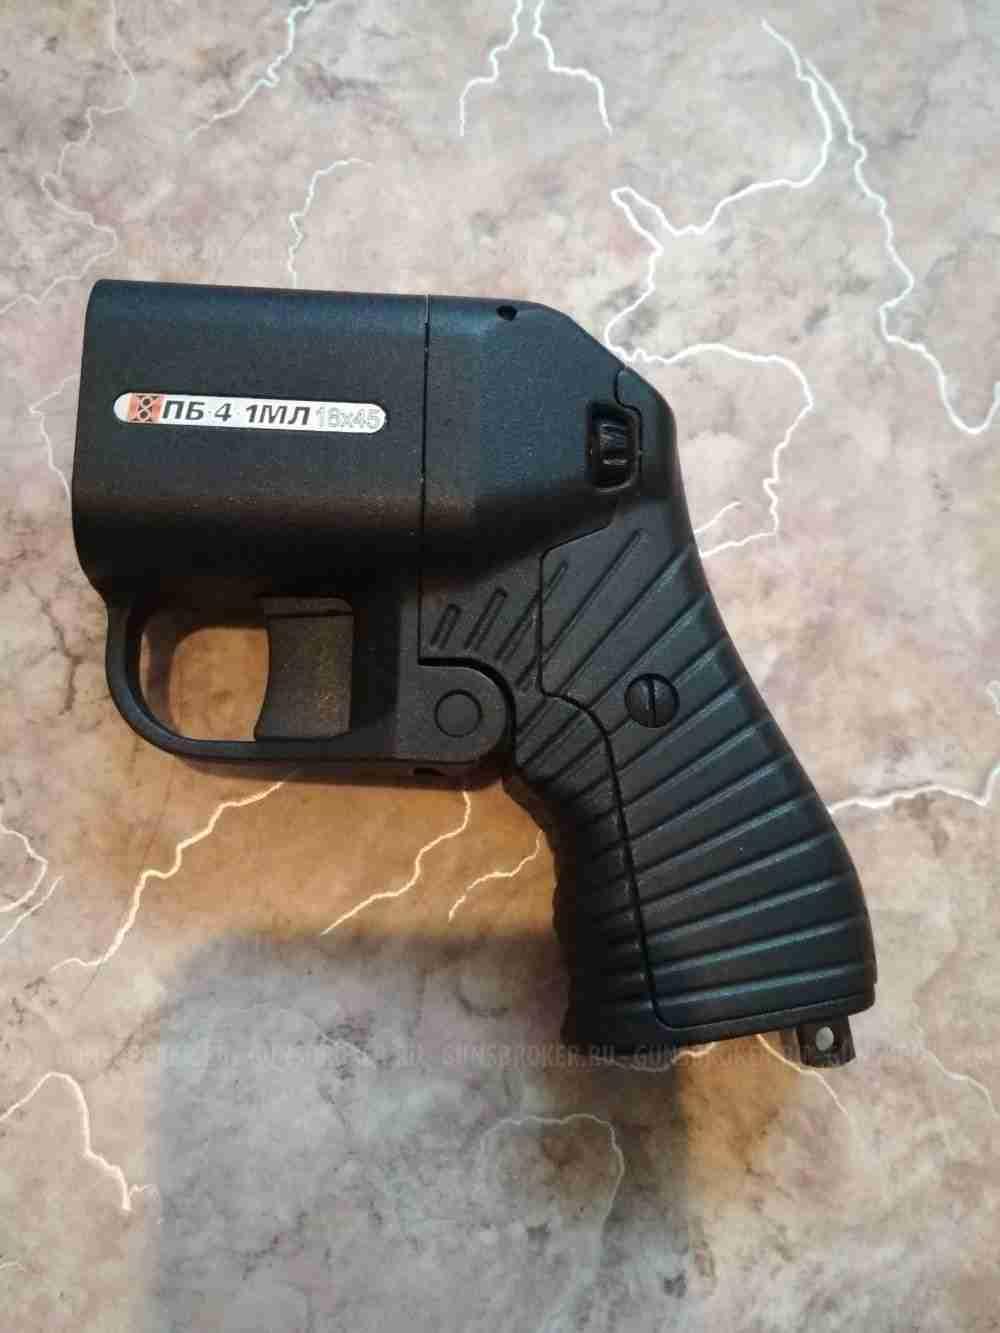 Пистолет оса ттх. фото. видео. размеры. скорострельность. скорость пули. прицельная дальность. вес